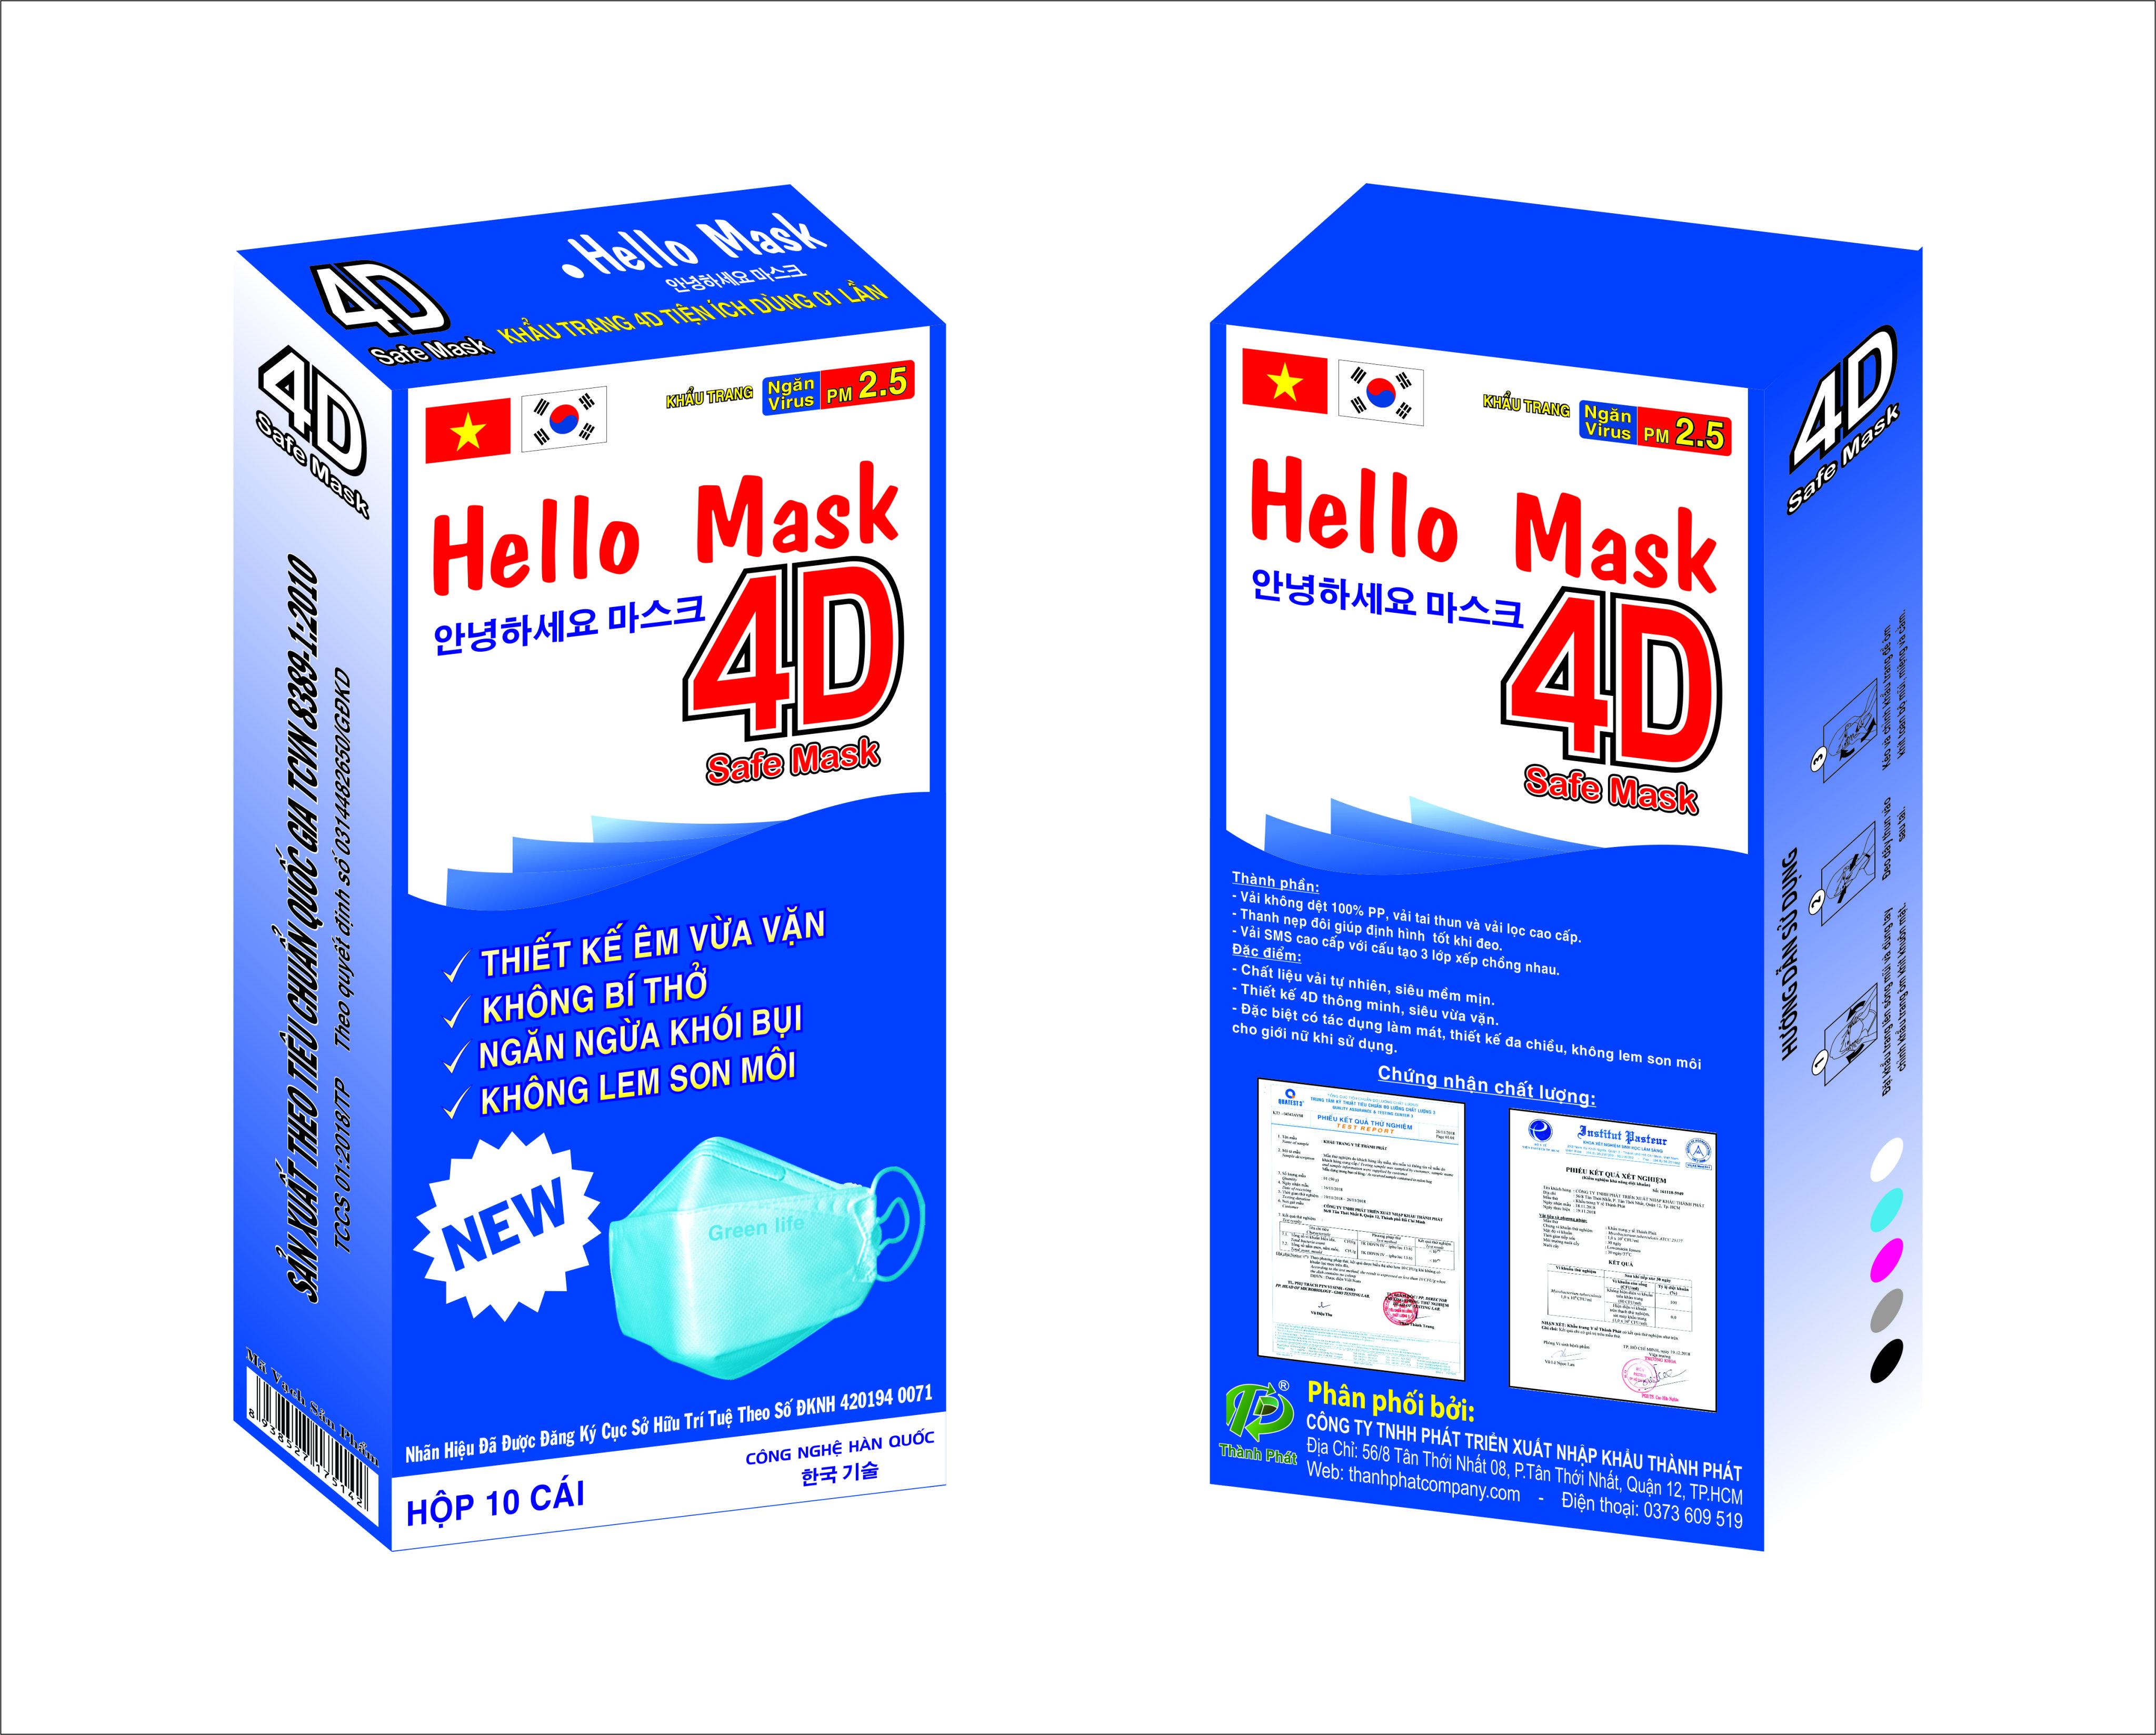 Khẩu Trang 4D Hello Mask Màu Xanh